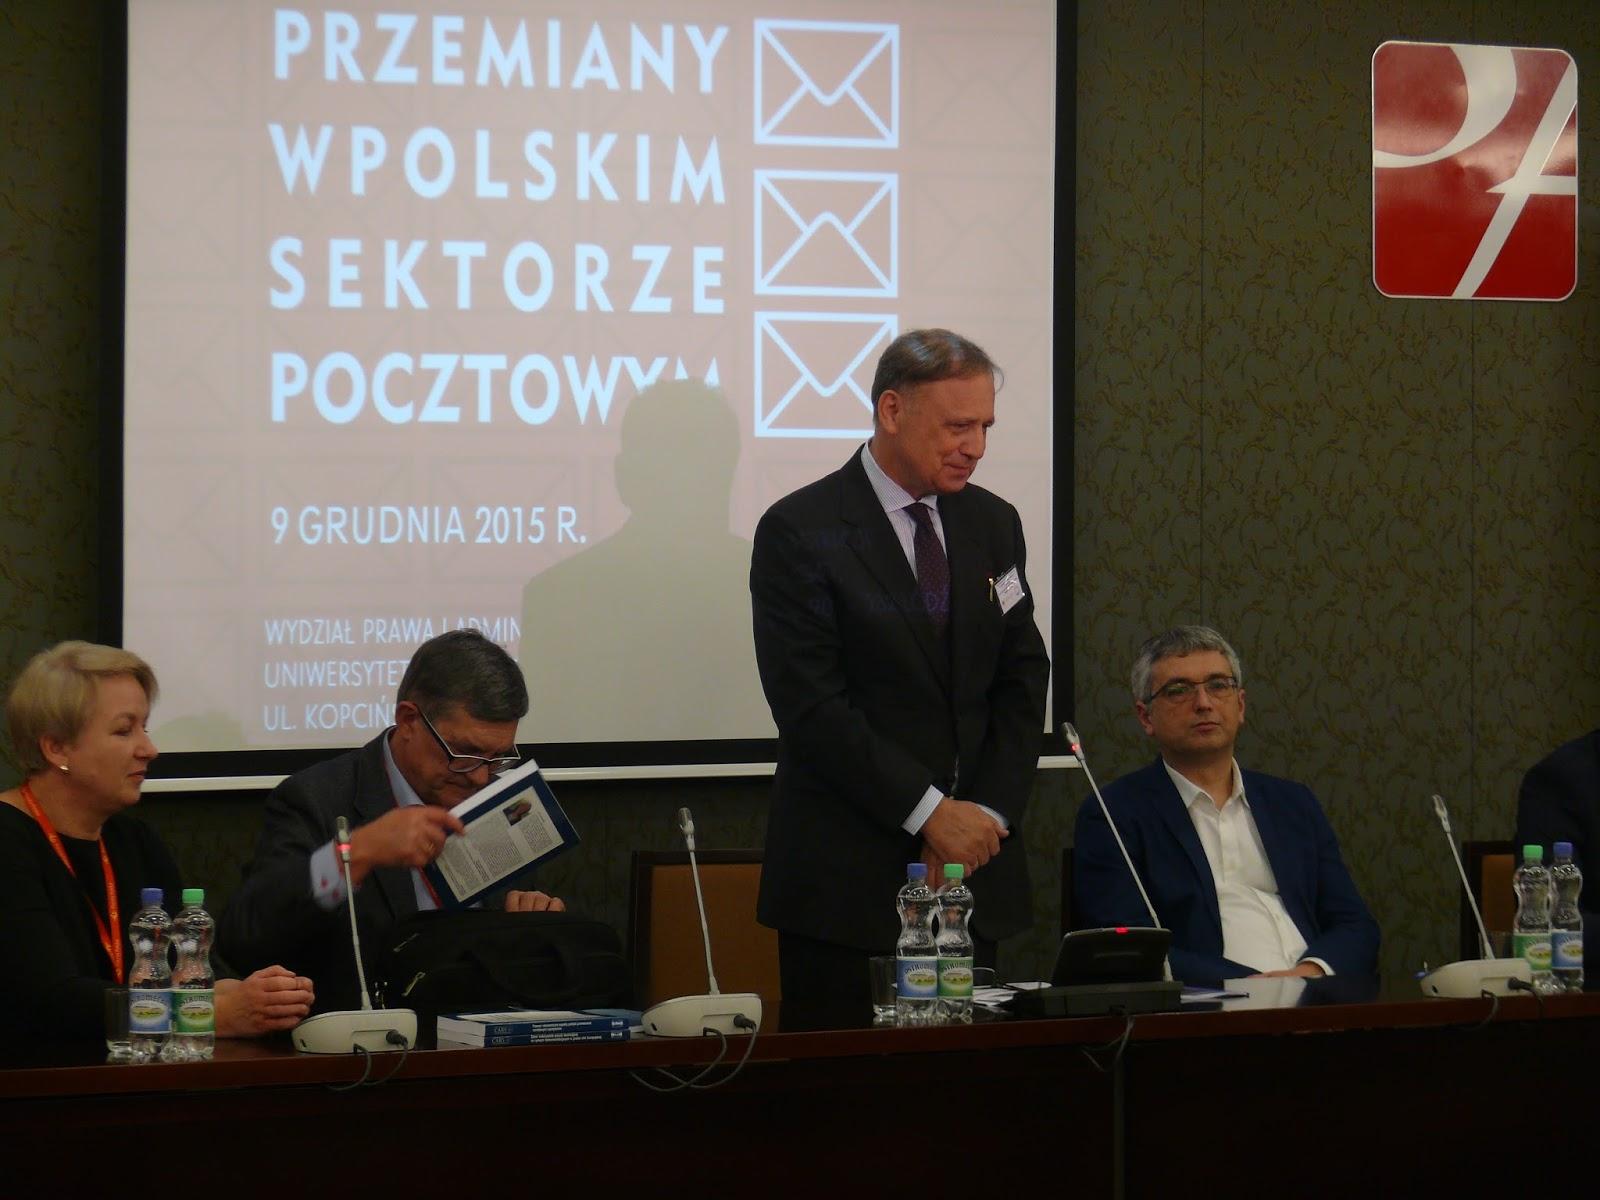 prof. dr hab. Kazimierz Strzyczkowski